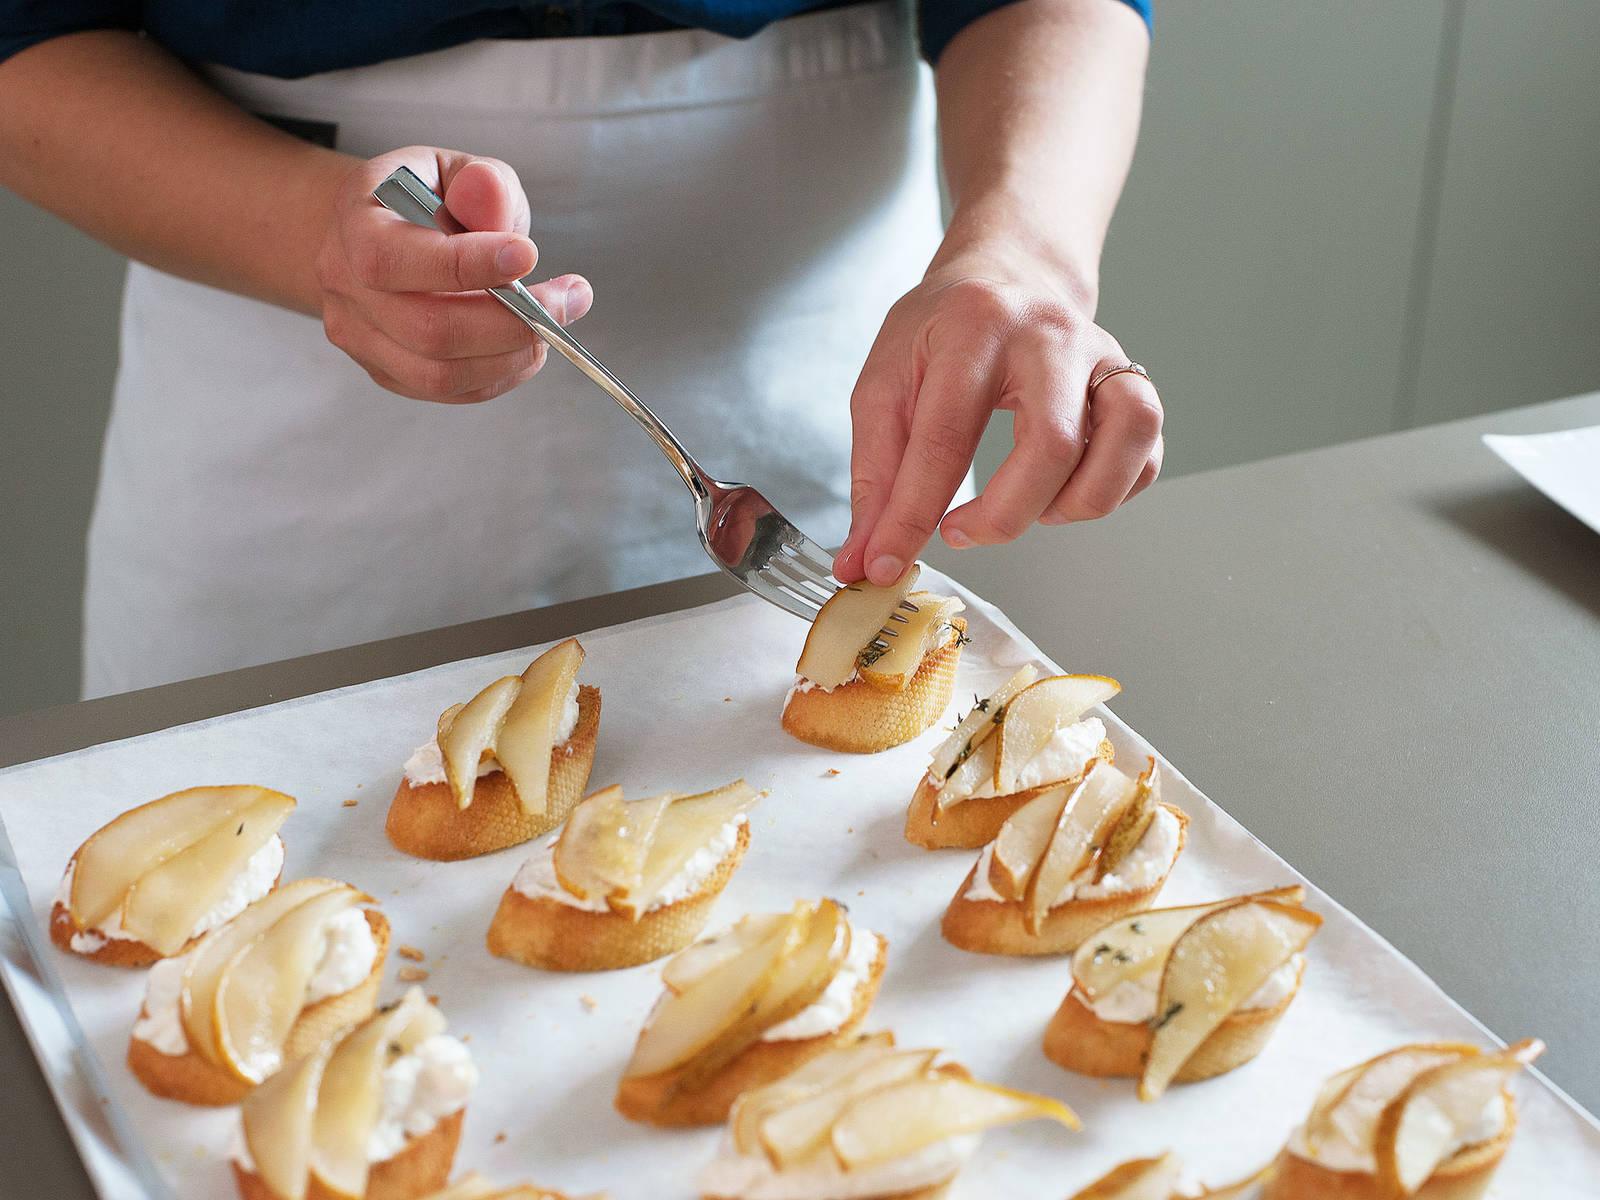 Jedes Toast mit einigen Birnenscheiben belegen. Nach Geschmack salzen und pfeffern. Guten Appetit!